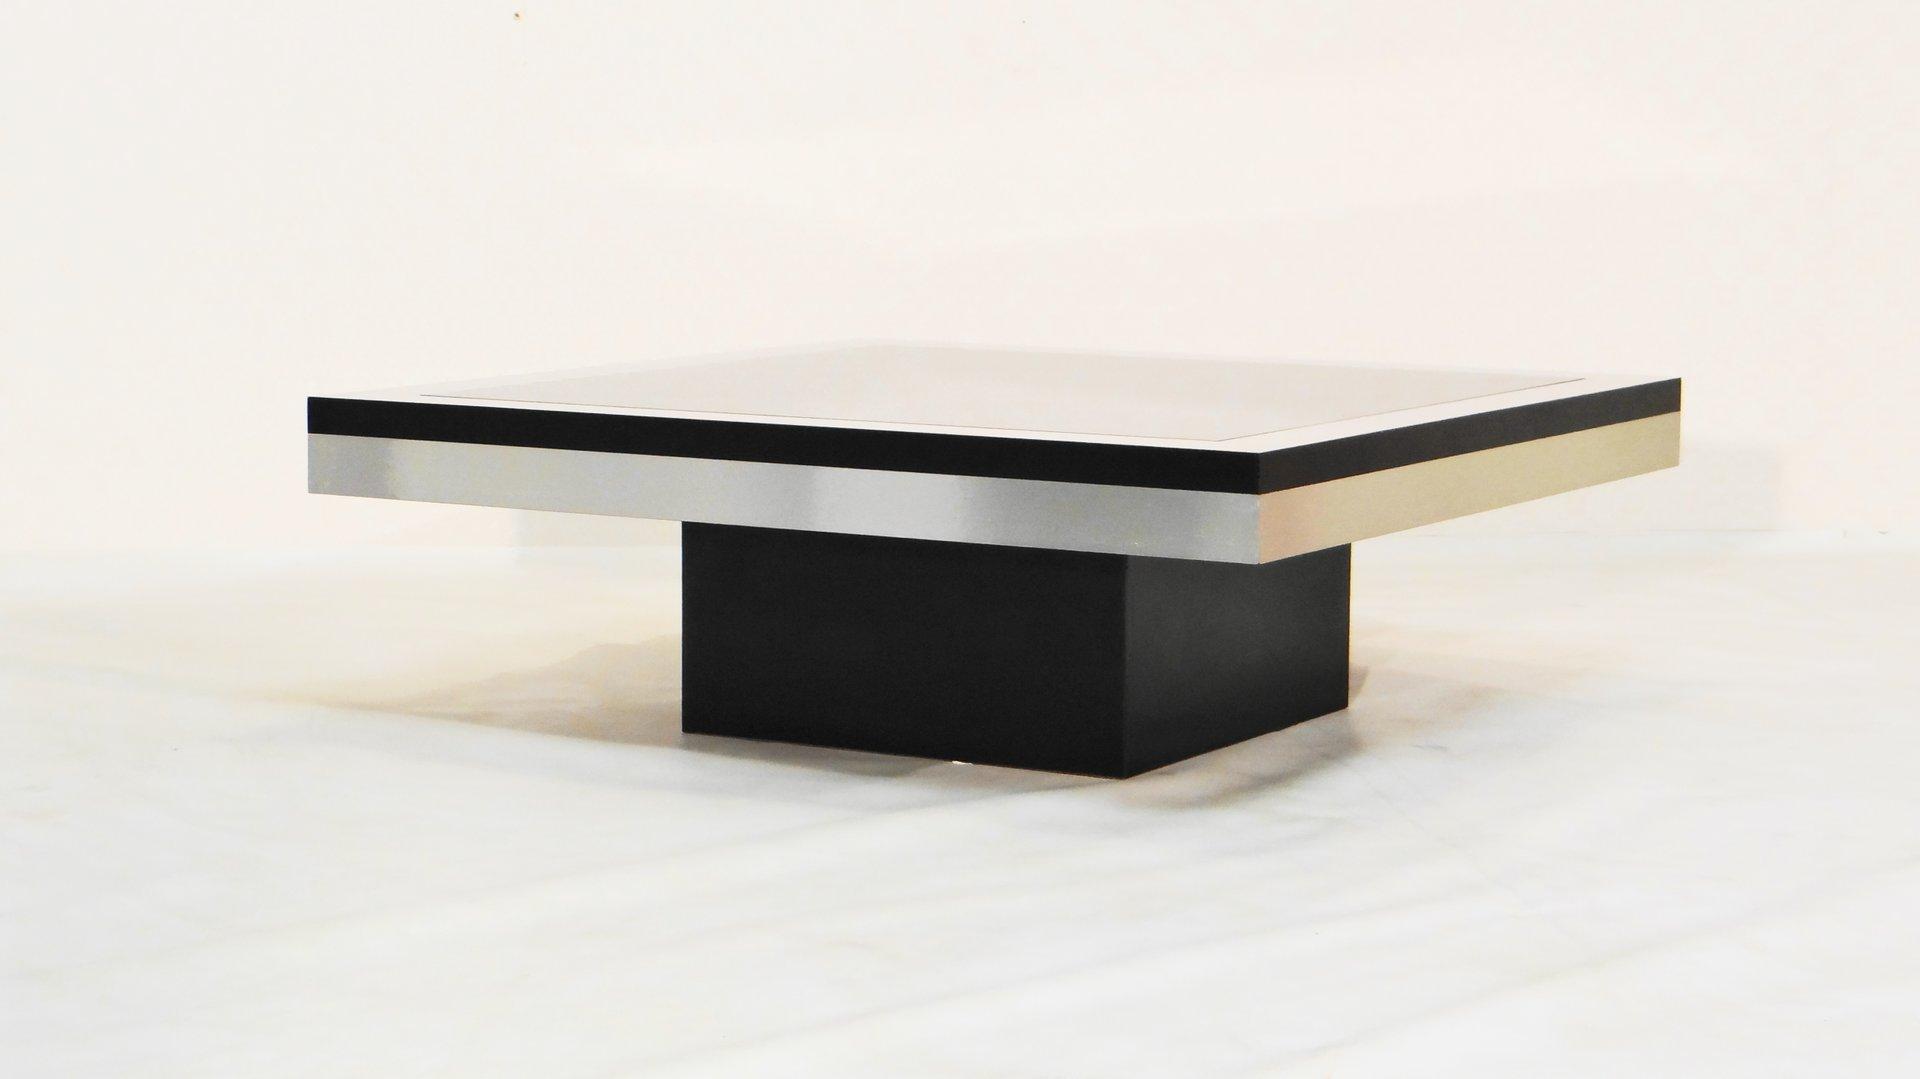 edelstahl und glas couchtisch frankreich bei pamono kaufen. Black Bedroom Furniture Sets. Home Design Ideas